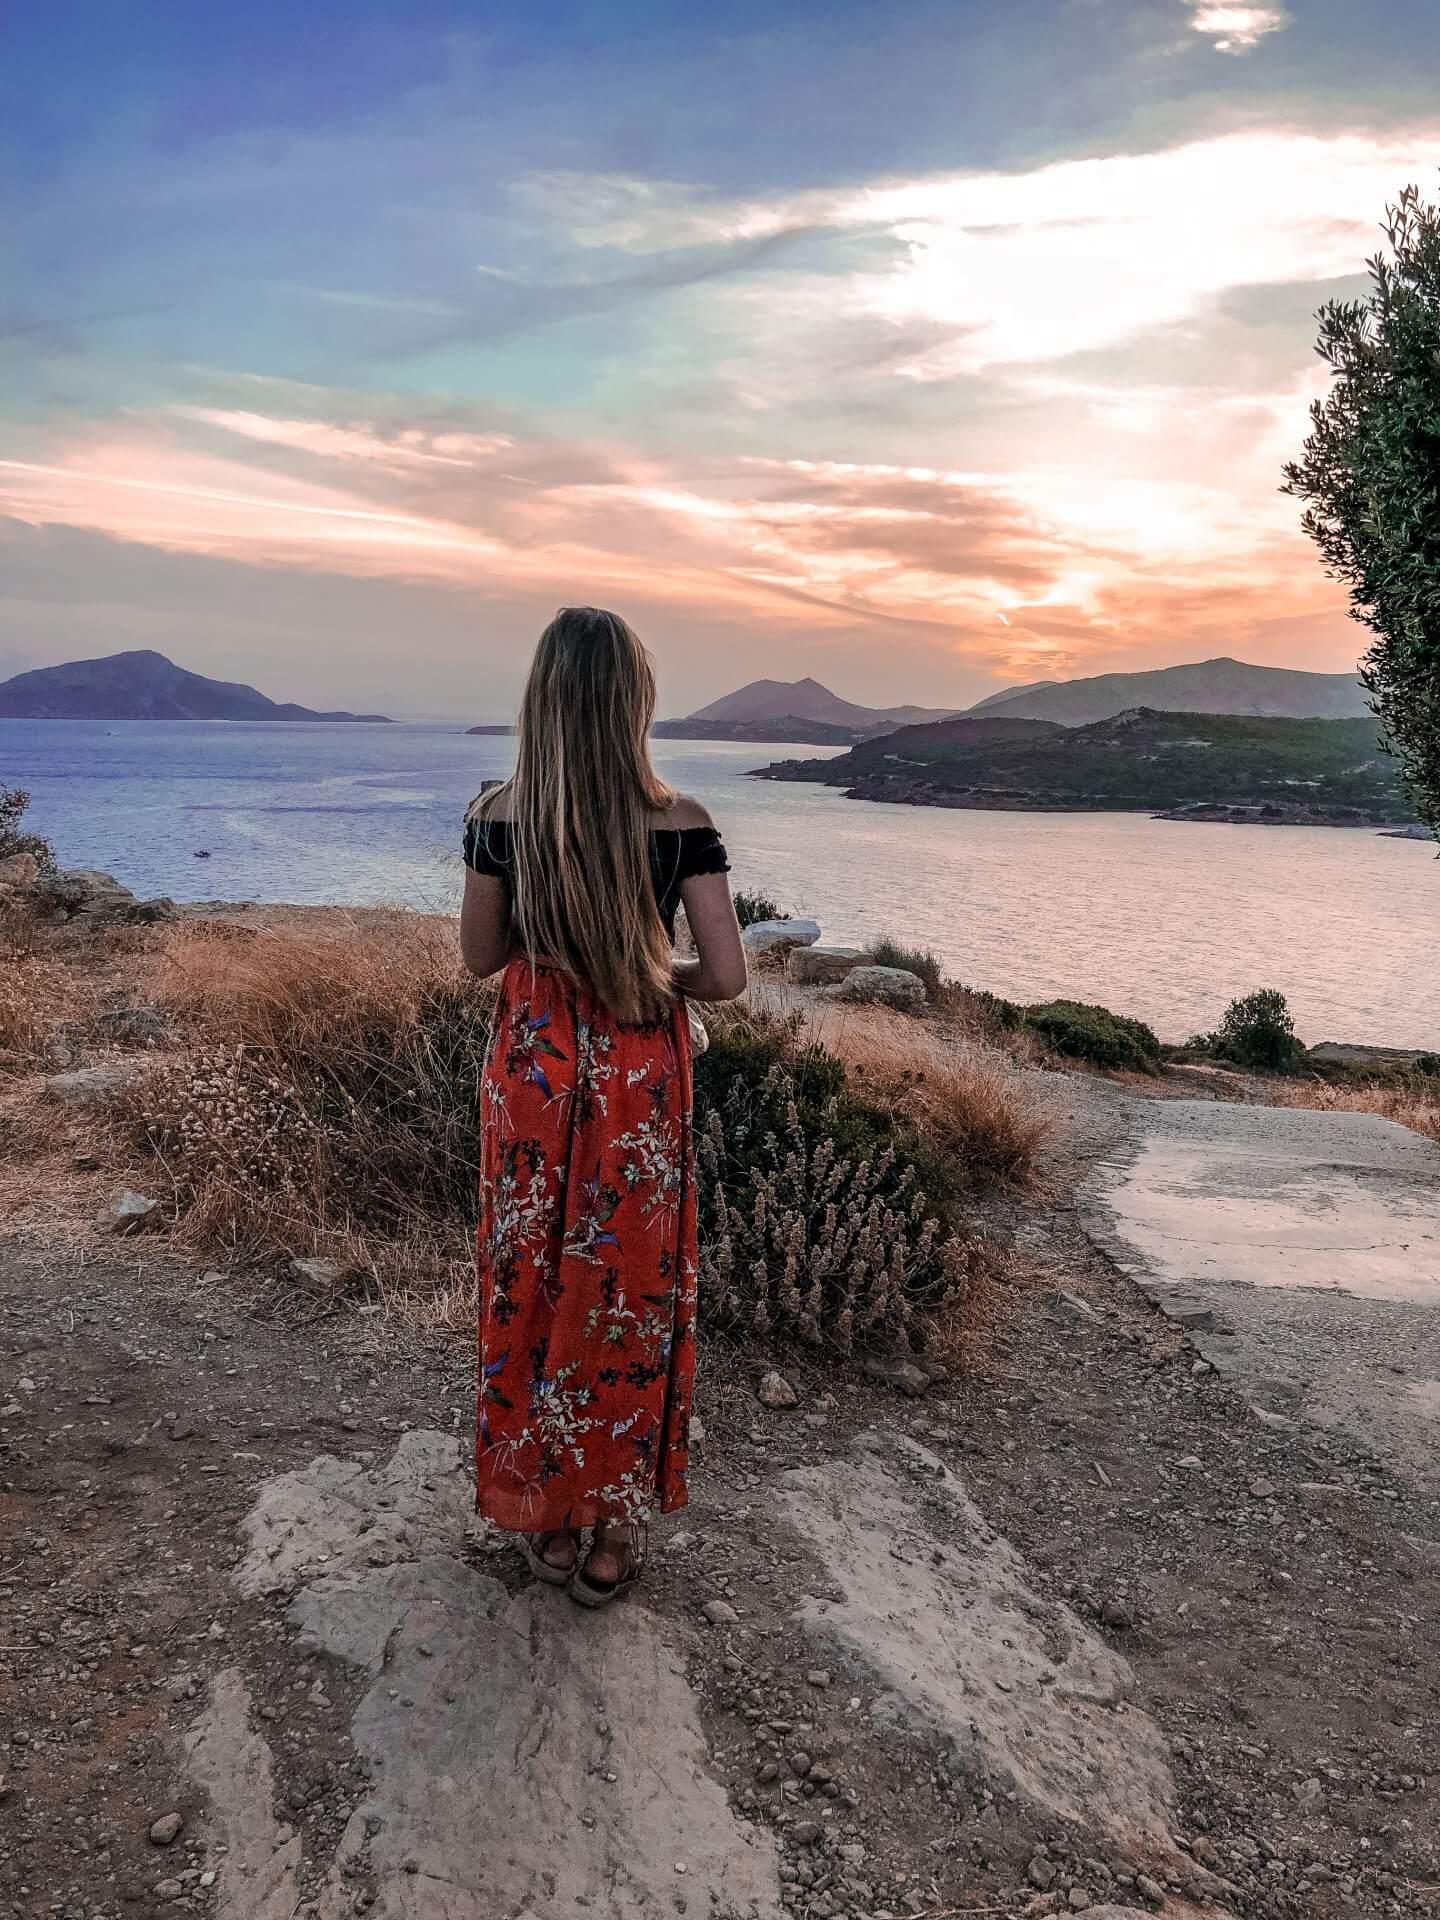 Athen Tipps, Urlaub, Travel Guide, 15